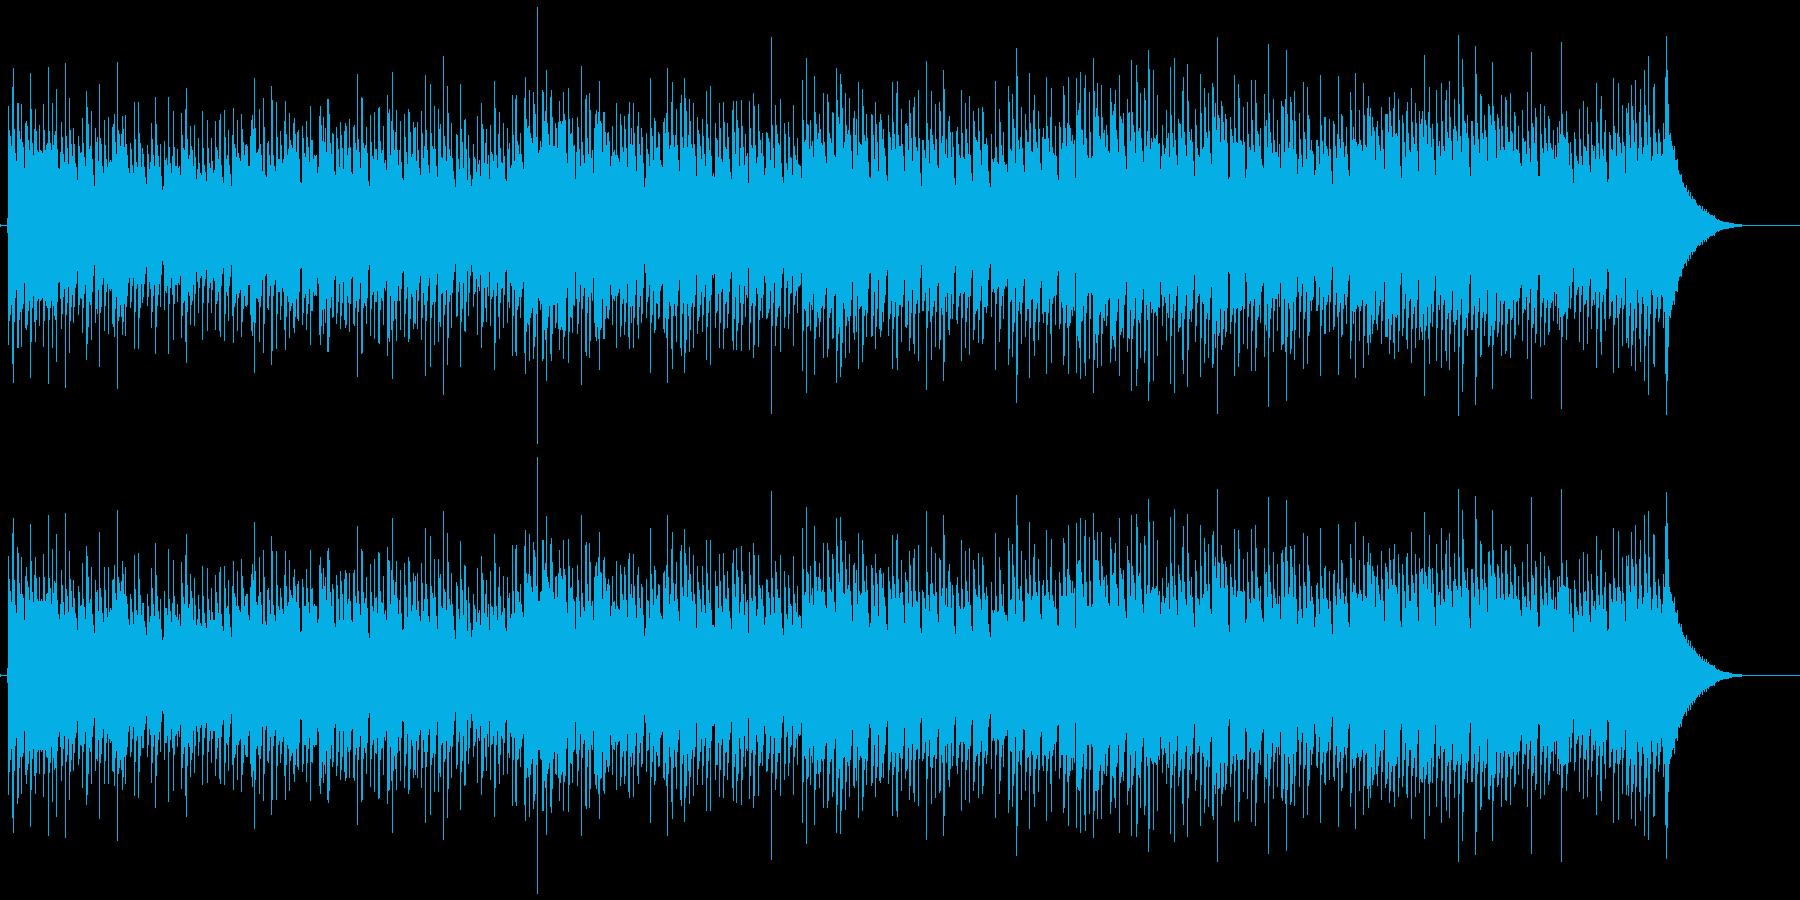 神殿 星座 神秘的 アコギ 夜空 内省の再生済みの波形